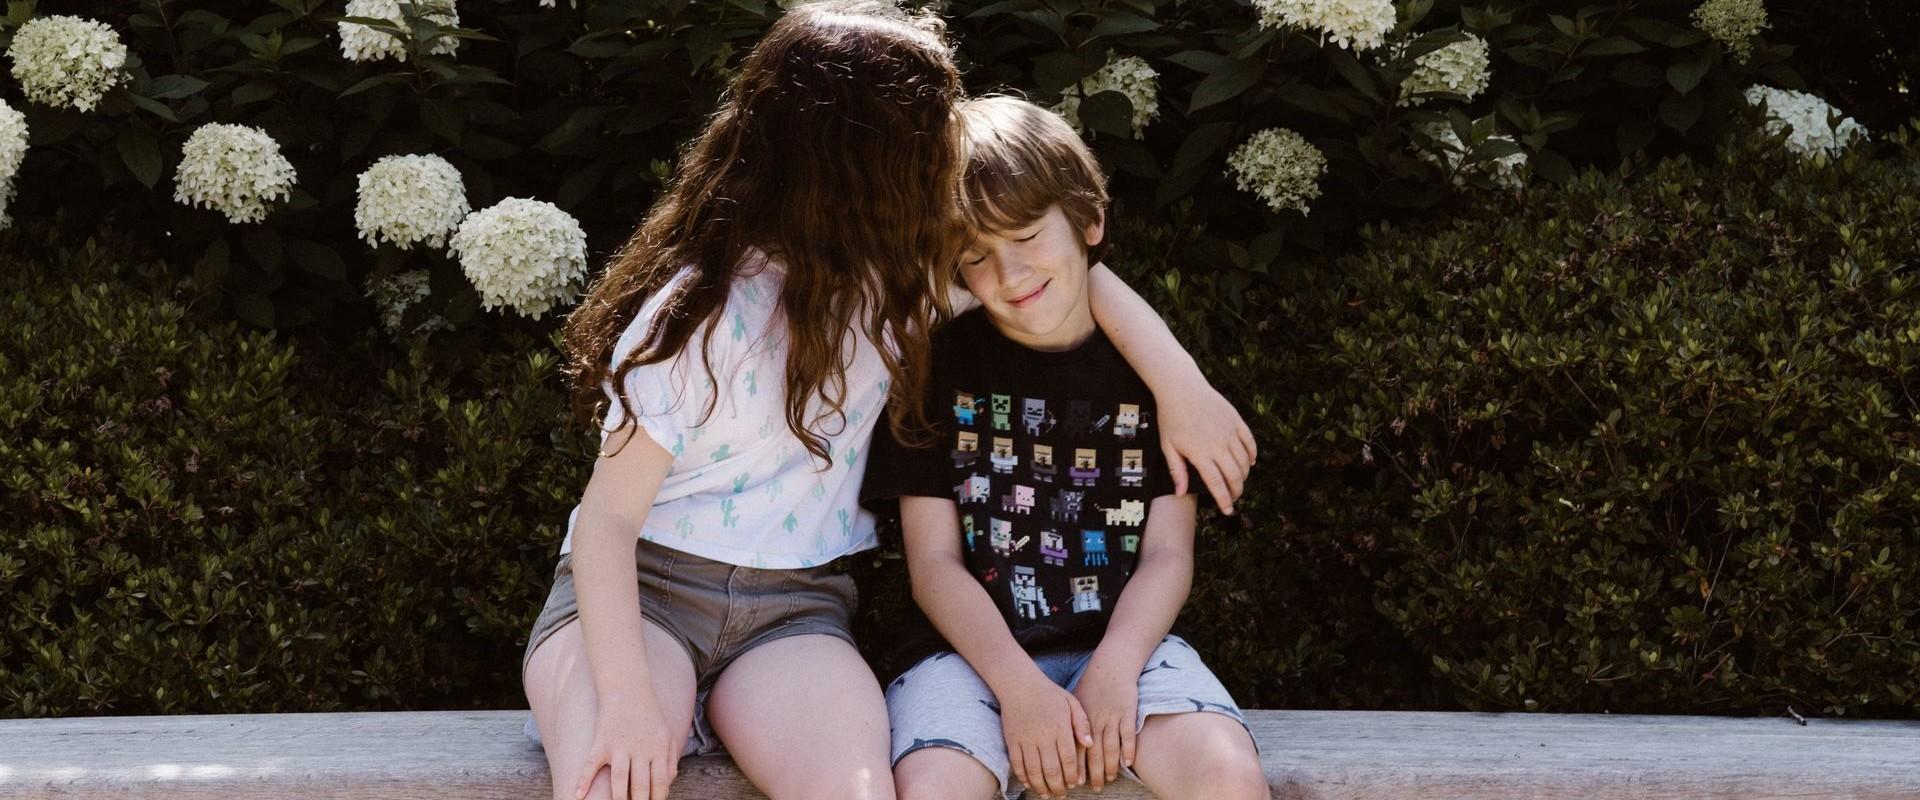 ילד וילדה יושבים על ספסל (אילוסטרציה: Annie Spratt, unsplash)